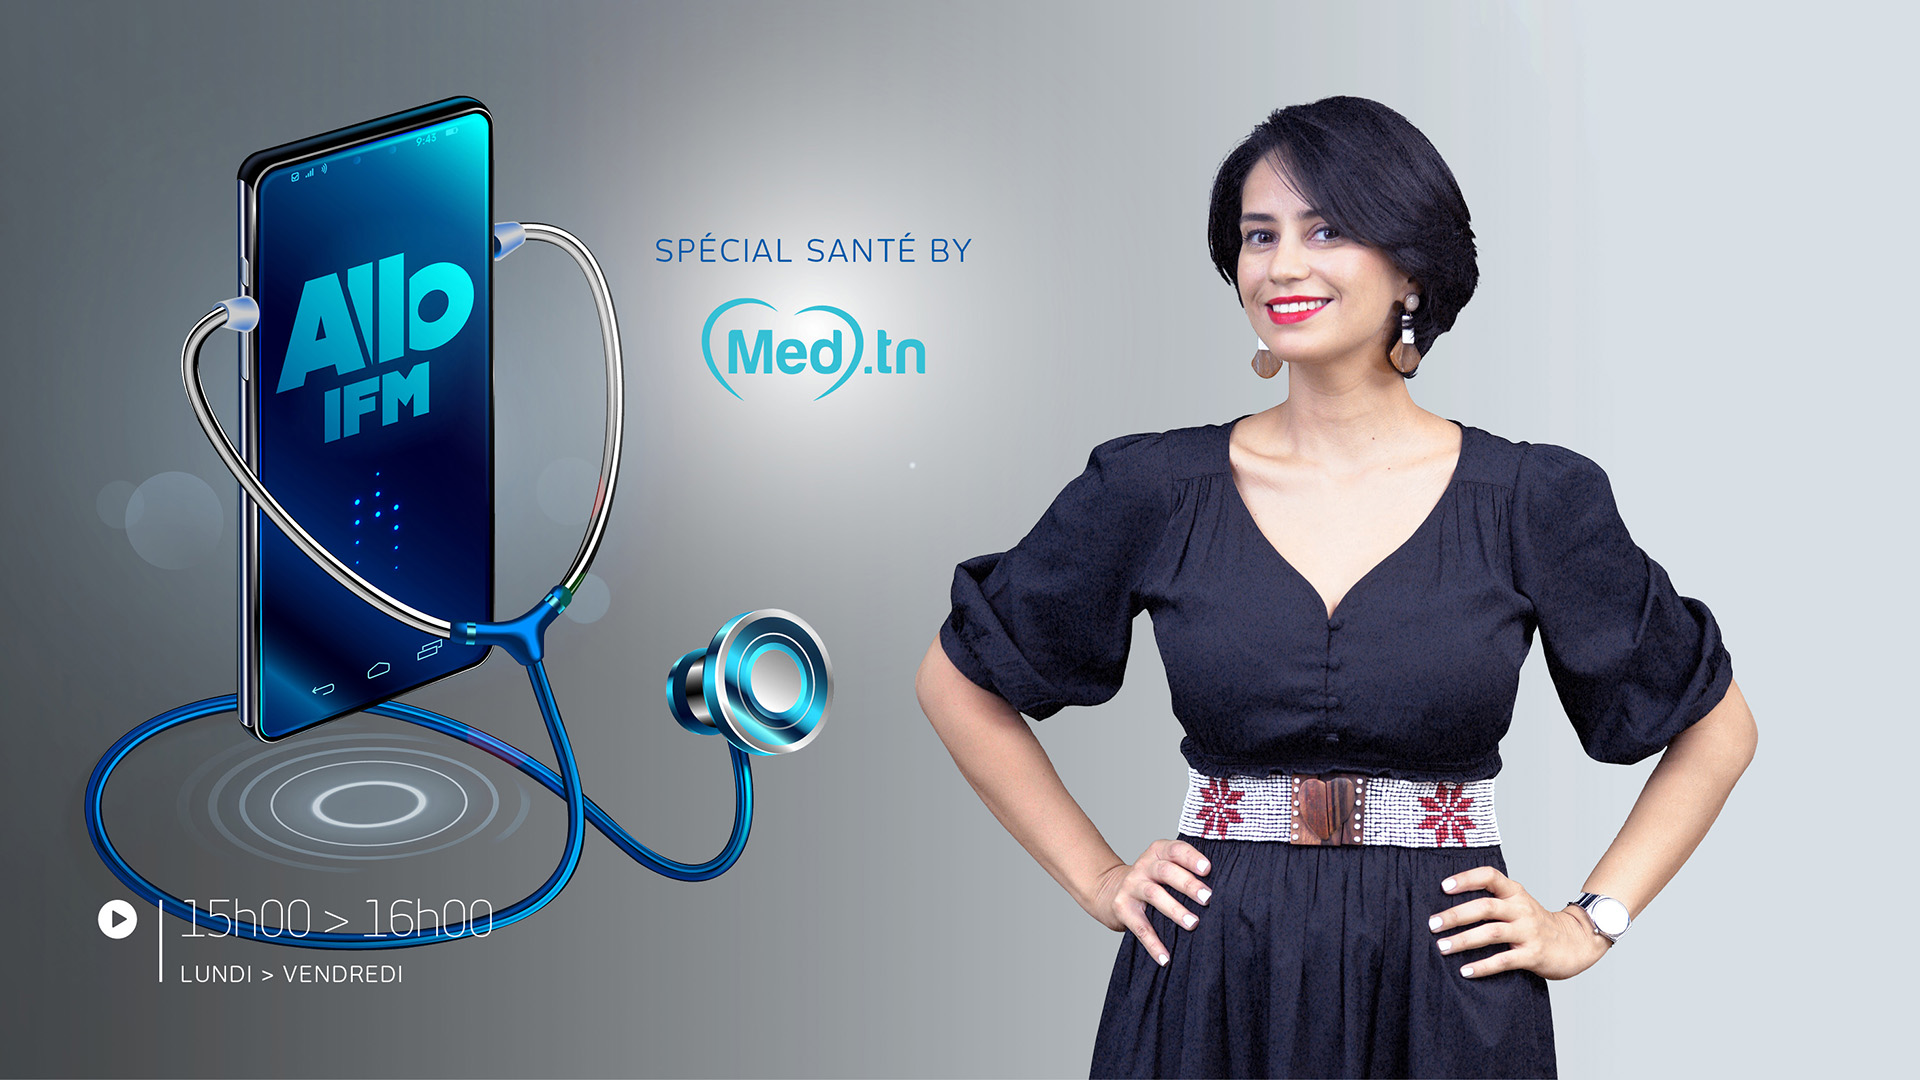 Allo IFM (Spécial santé) by Med.tn Allo IFm Spécial Santé le  26 MAI 2020